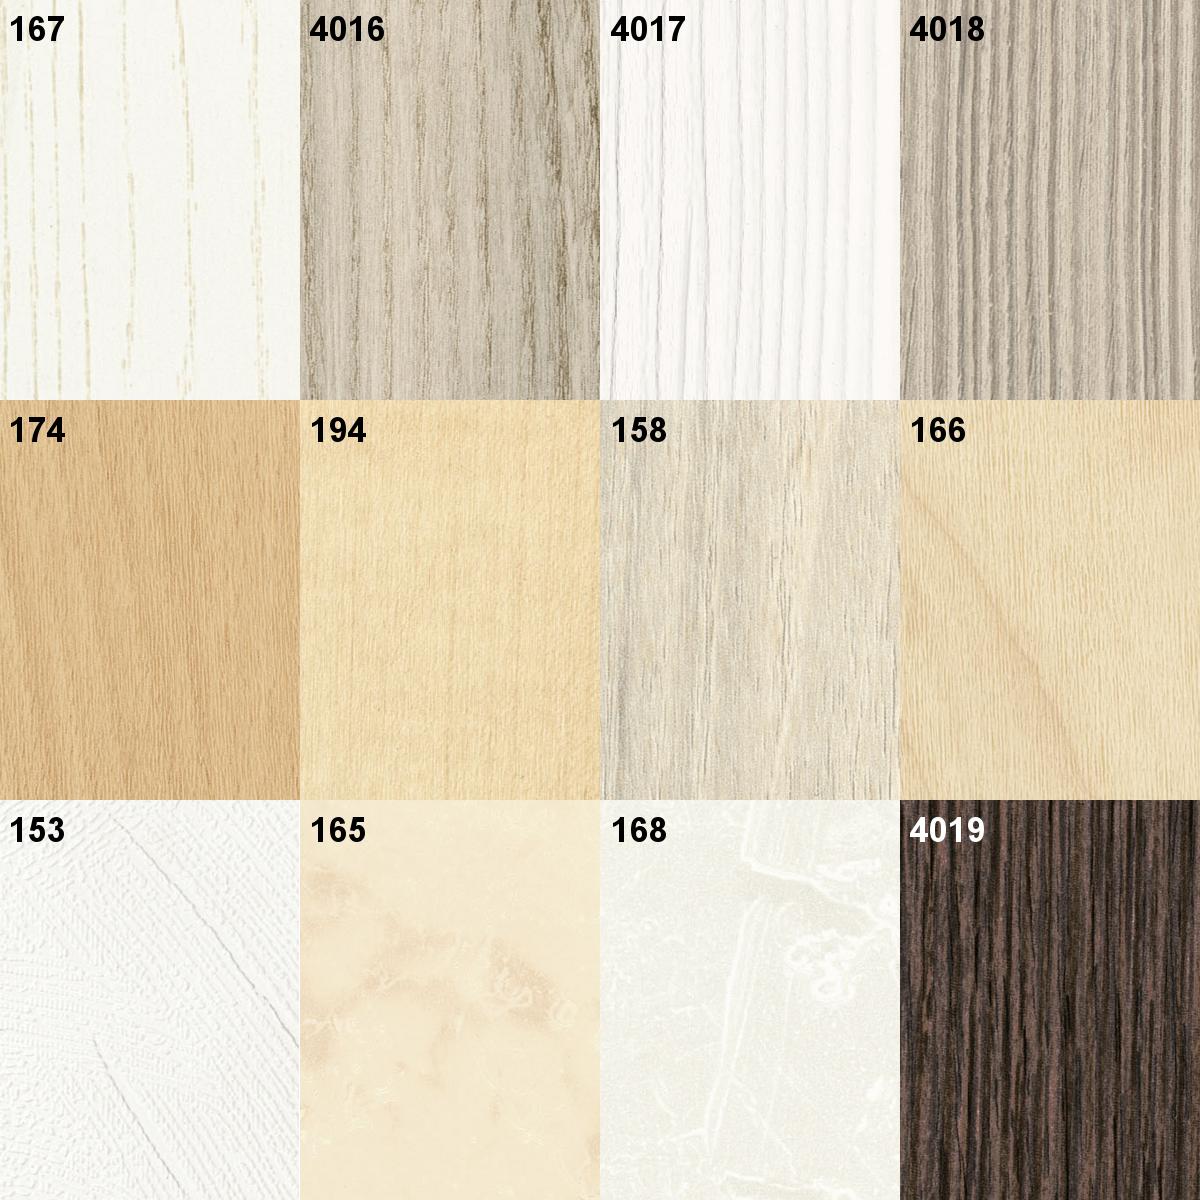 Cool Paneele für Wand und Decke - Meister Paneele Terra DP 200 mit  XF91